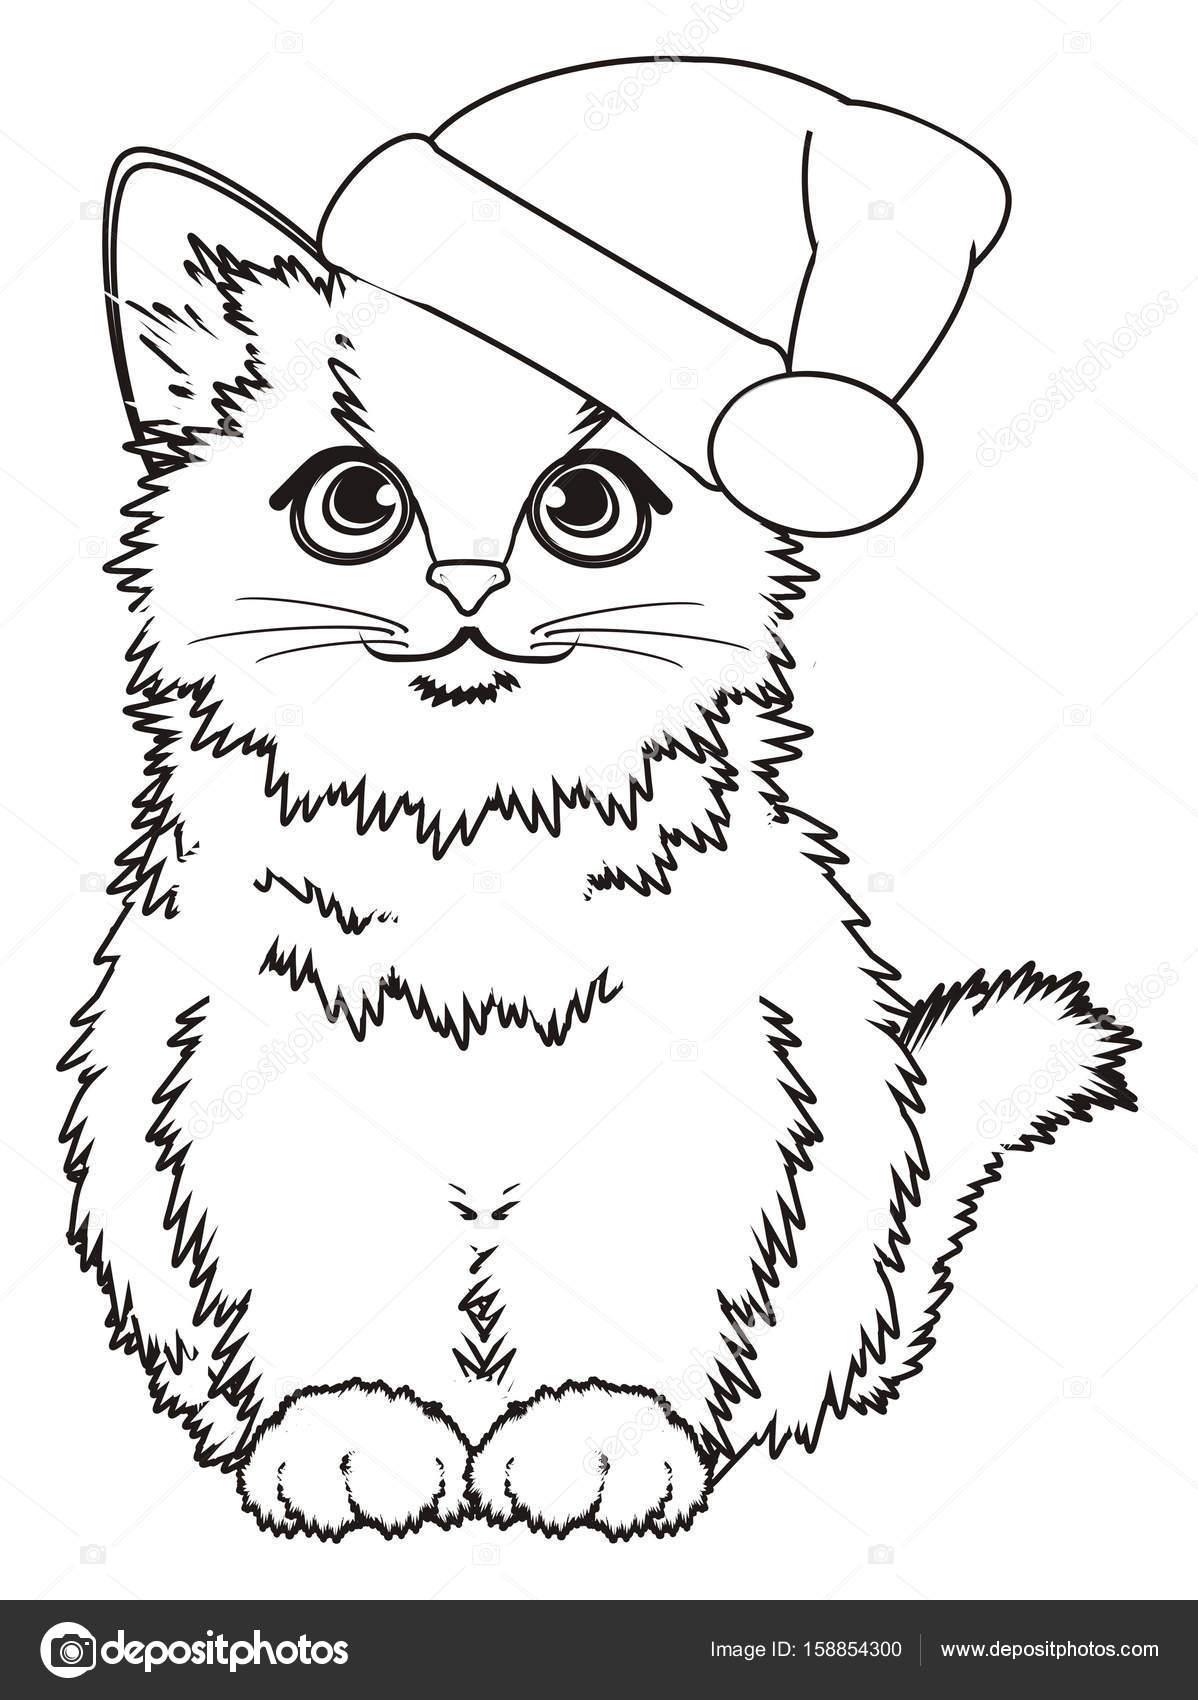 Frais image de petit chat a colorier - Jeux de petit chaton gratuit ...